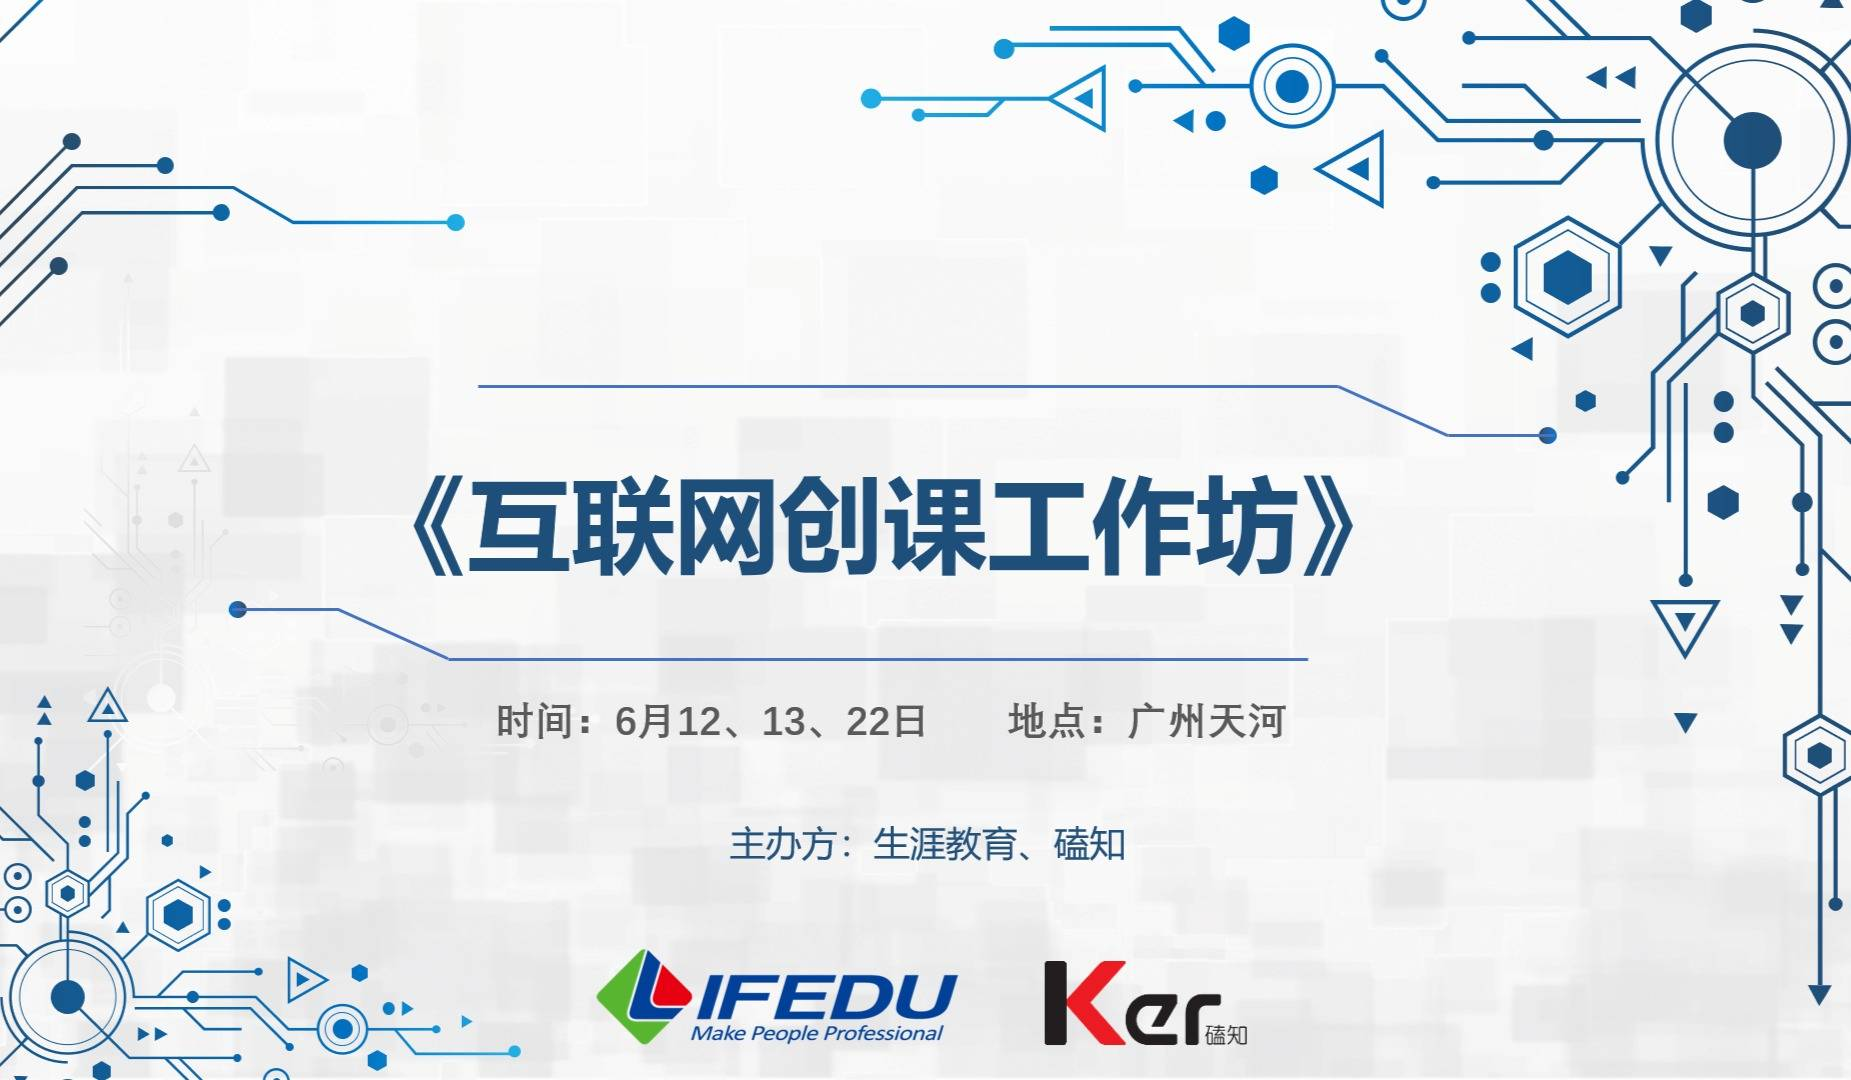 《互联网创课工作坊》6月12、13、22日广州公开课